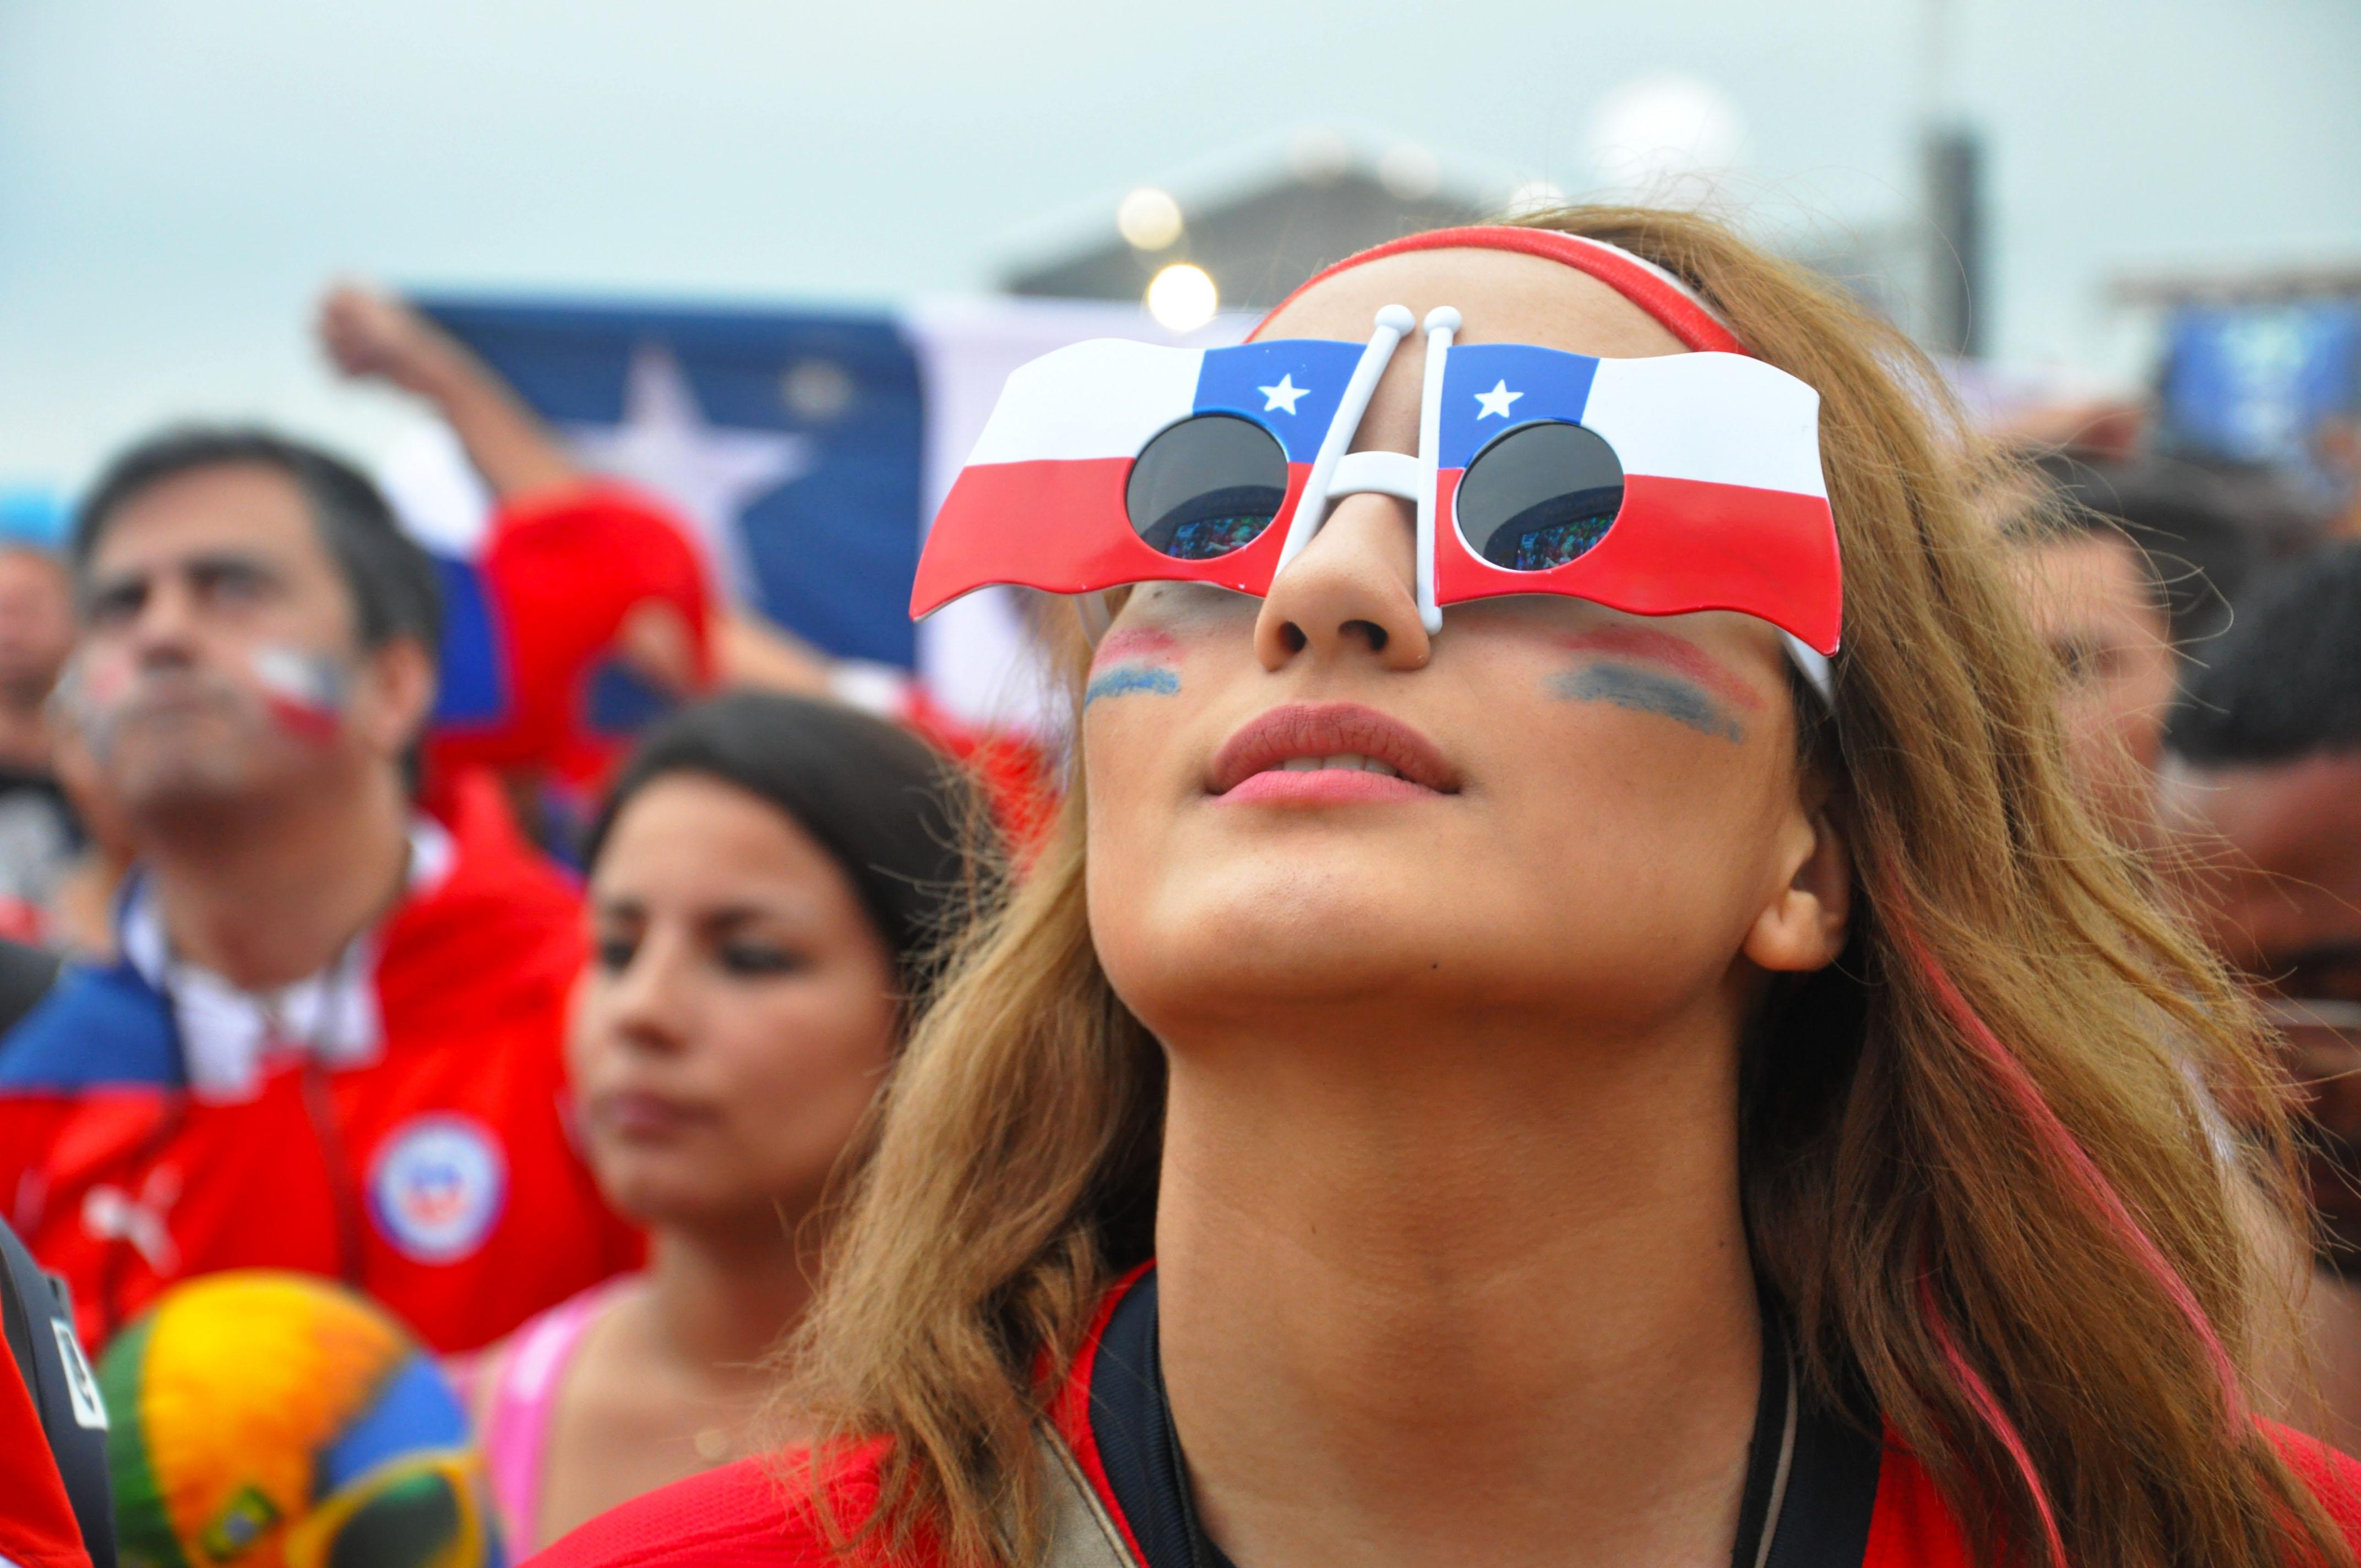 Bella chilena apoya a su selección - 4288x2848